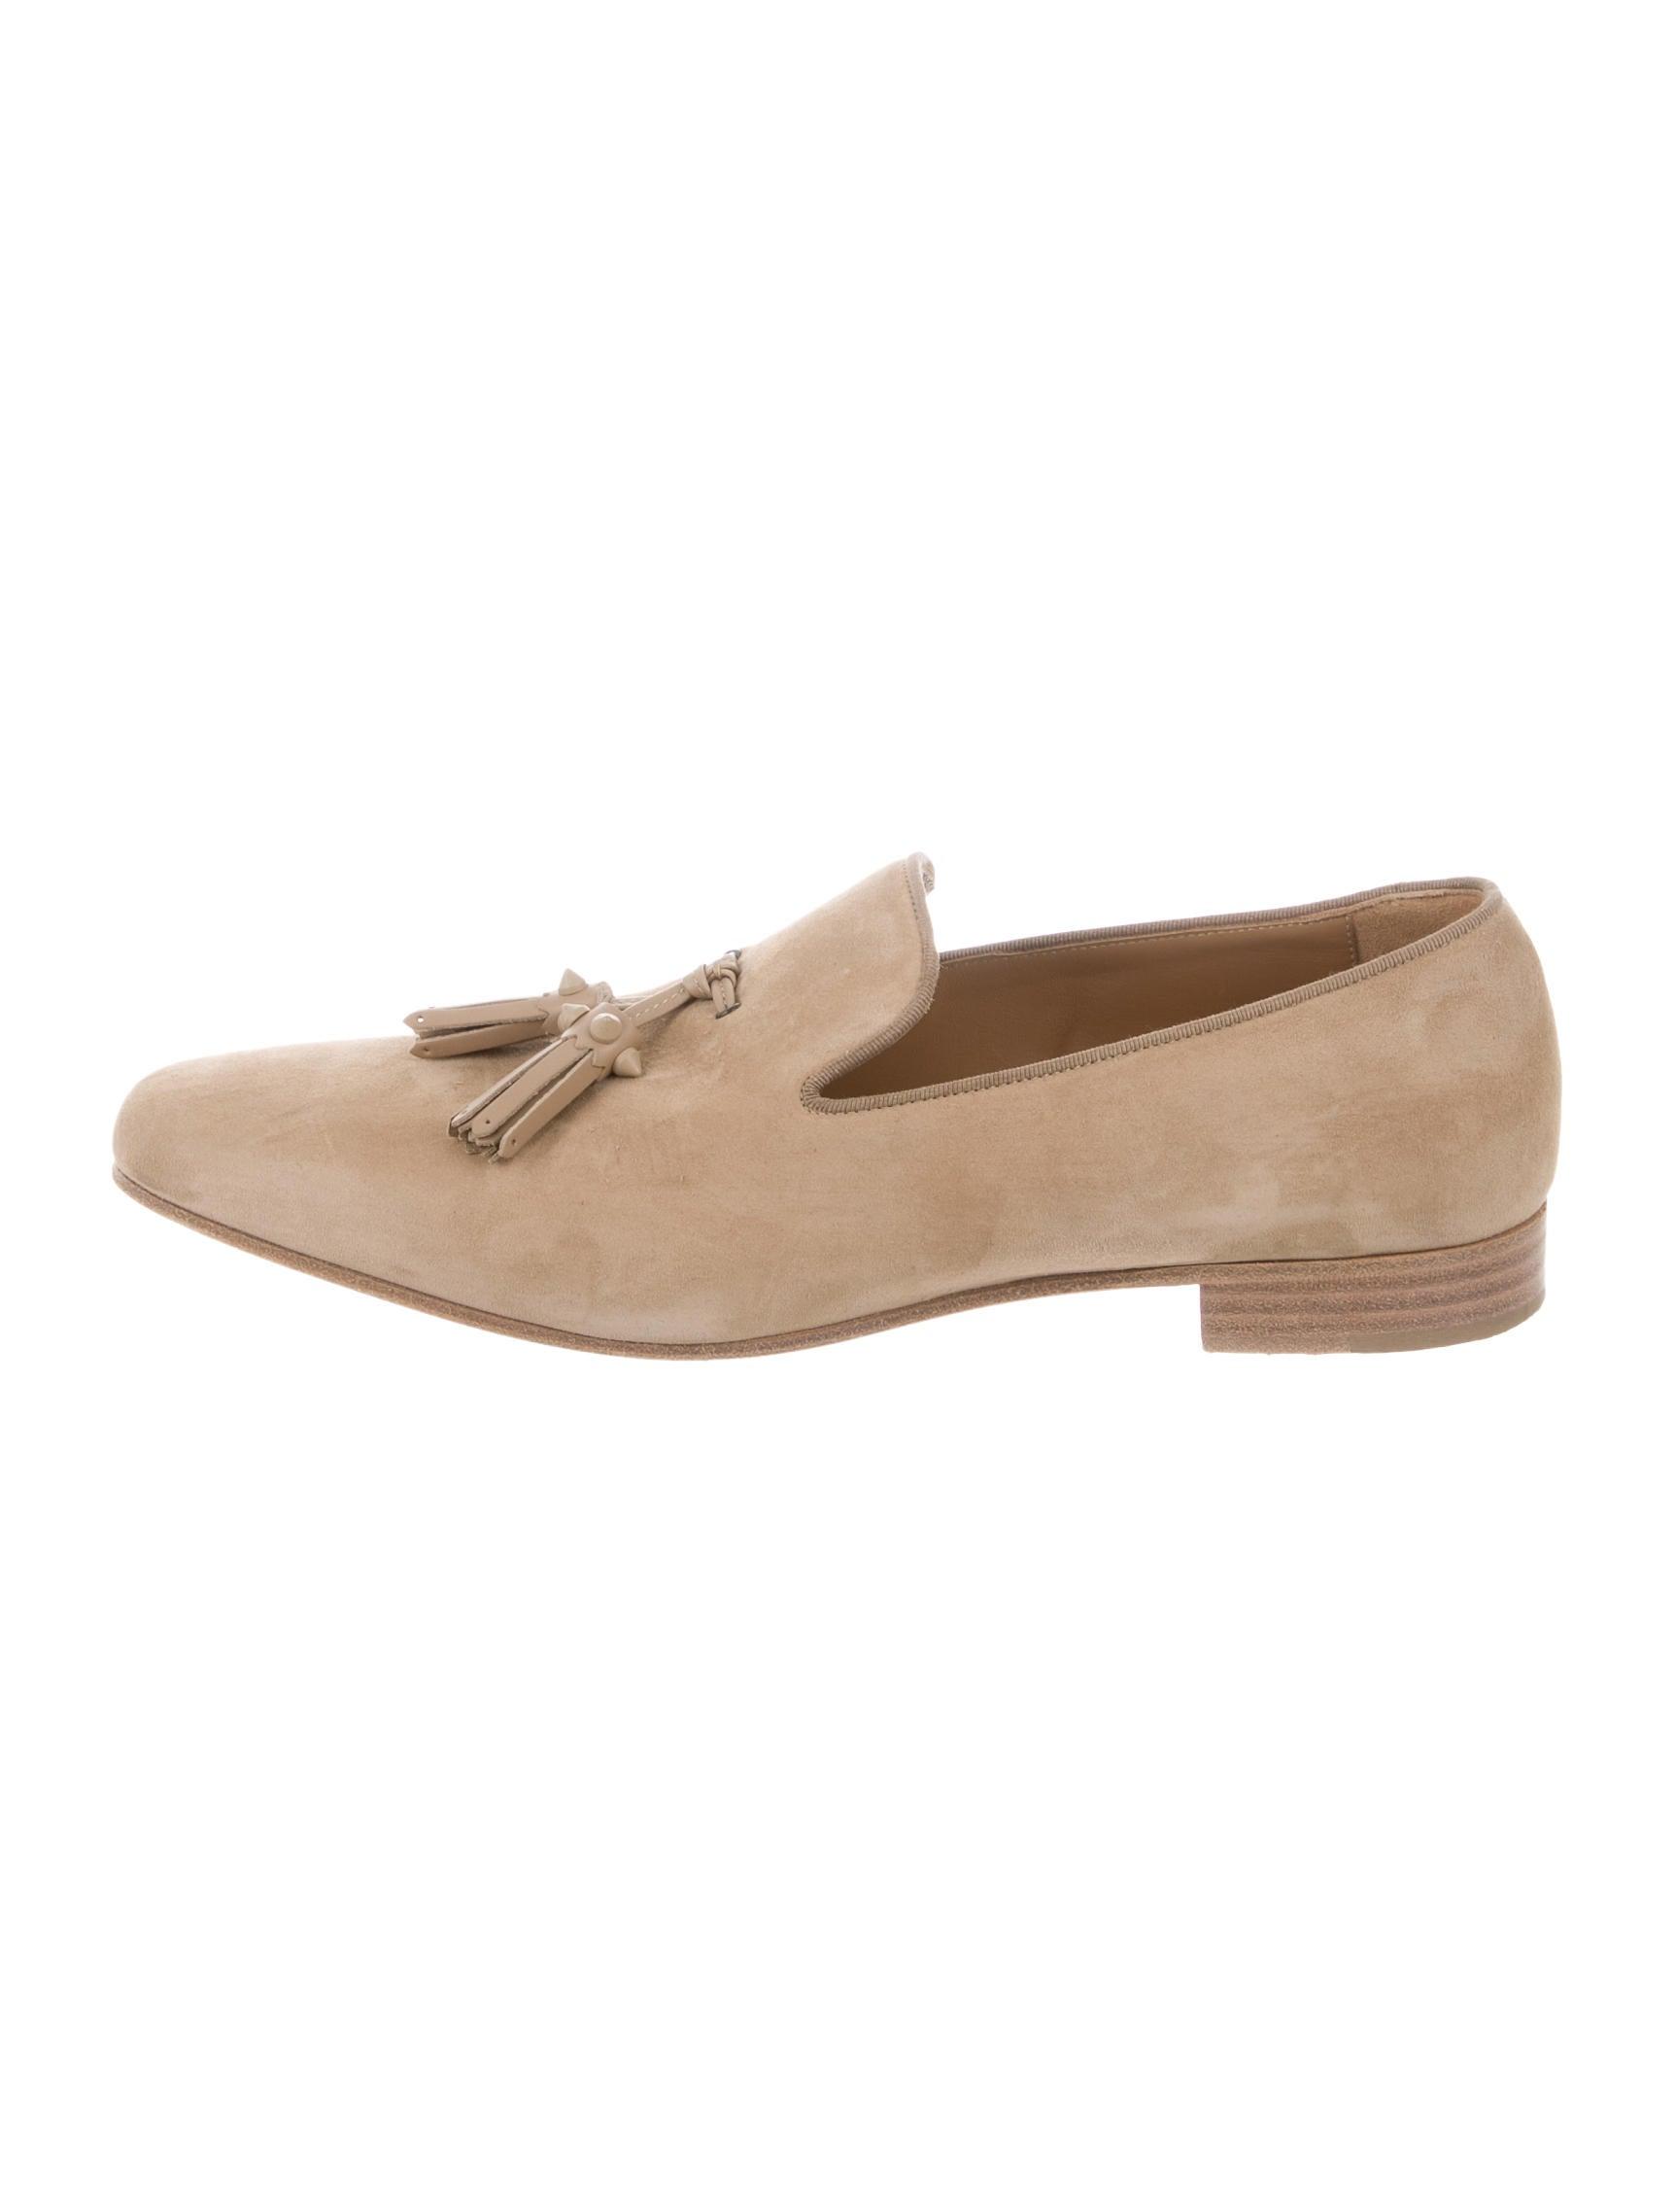 hot sale online 013ac 35ec0 Christian Louboutin Dandelion Tassel Flat Loafers - Shoes ...